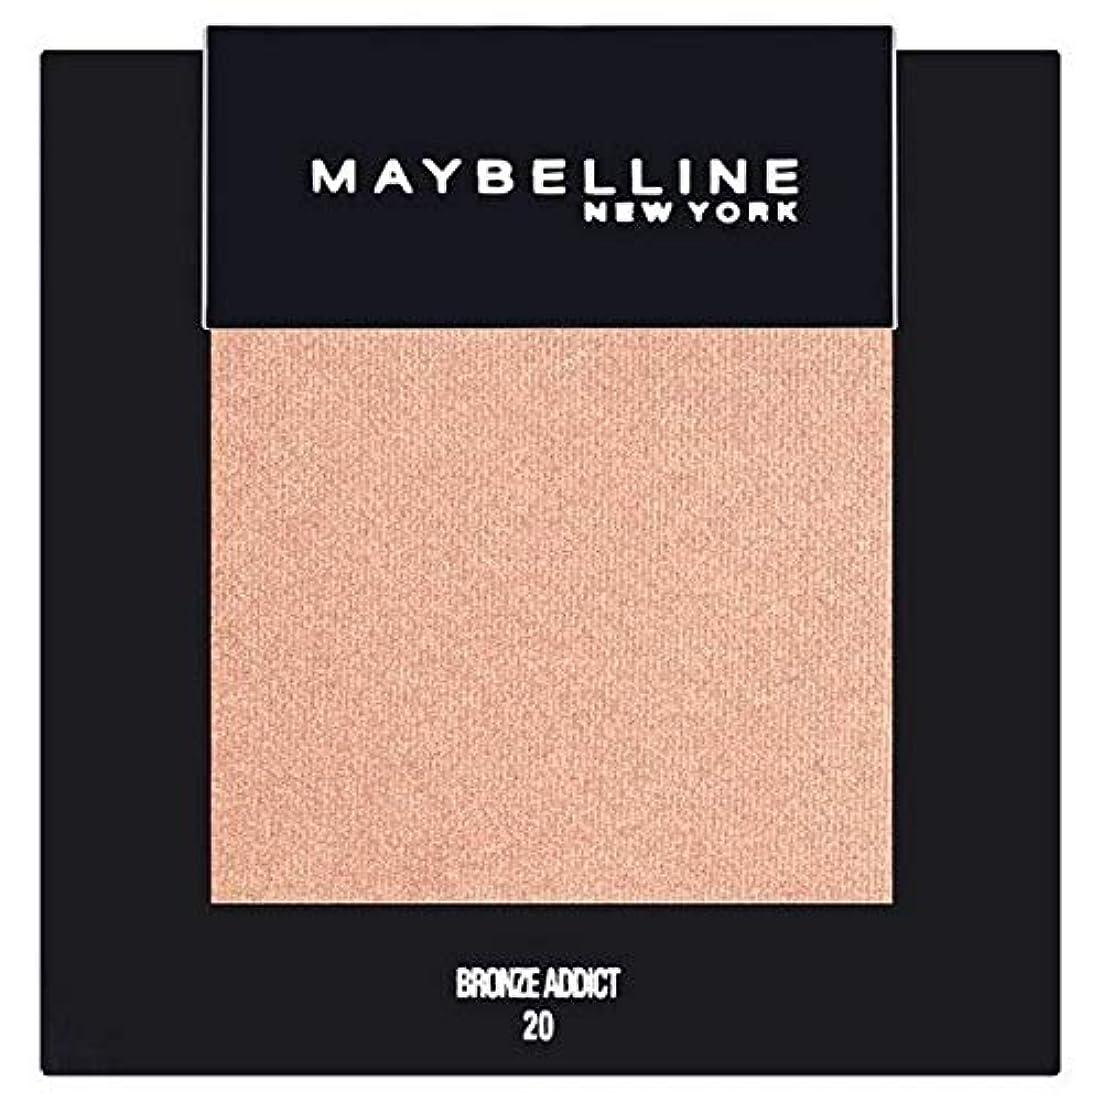 電子レンジ解釈含める[Maybelline ] メイベリンカラーショーシングルアイシャドウ20ブロンズ - Maybelline Color Show Single Eyeshadow 20 Bronze [並行輸入品]